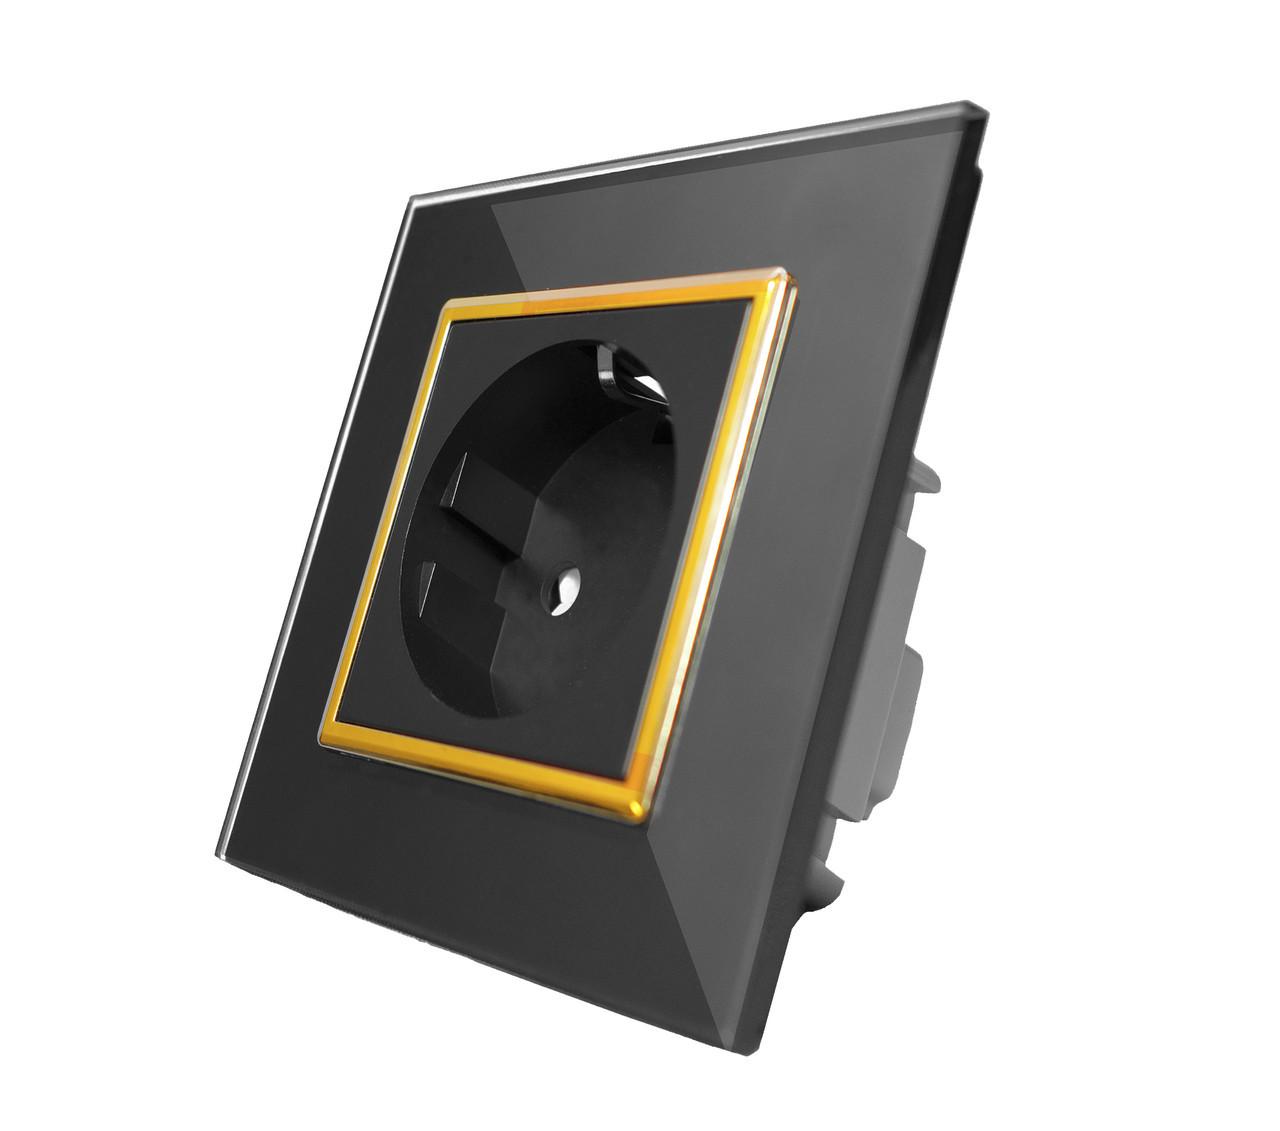 Розетка с заземлением Livolo, цвет черный, золотая вставка, материал стекло (VL-C7C1EU-12G)